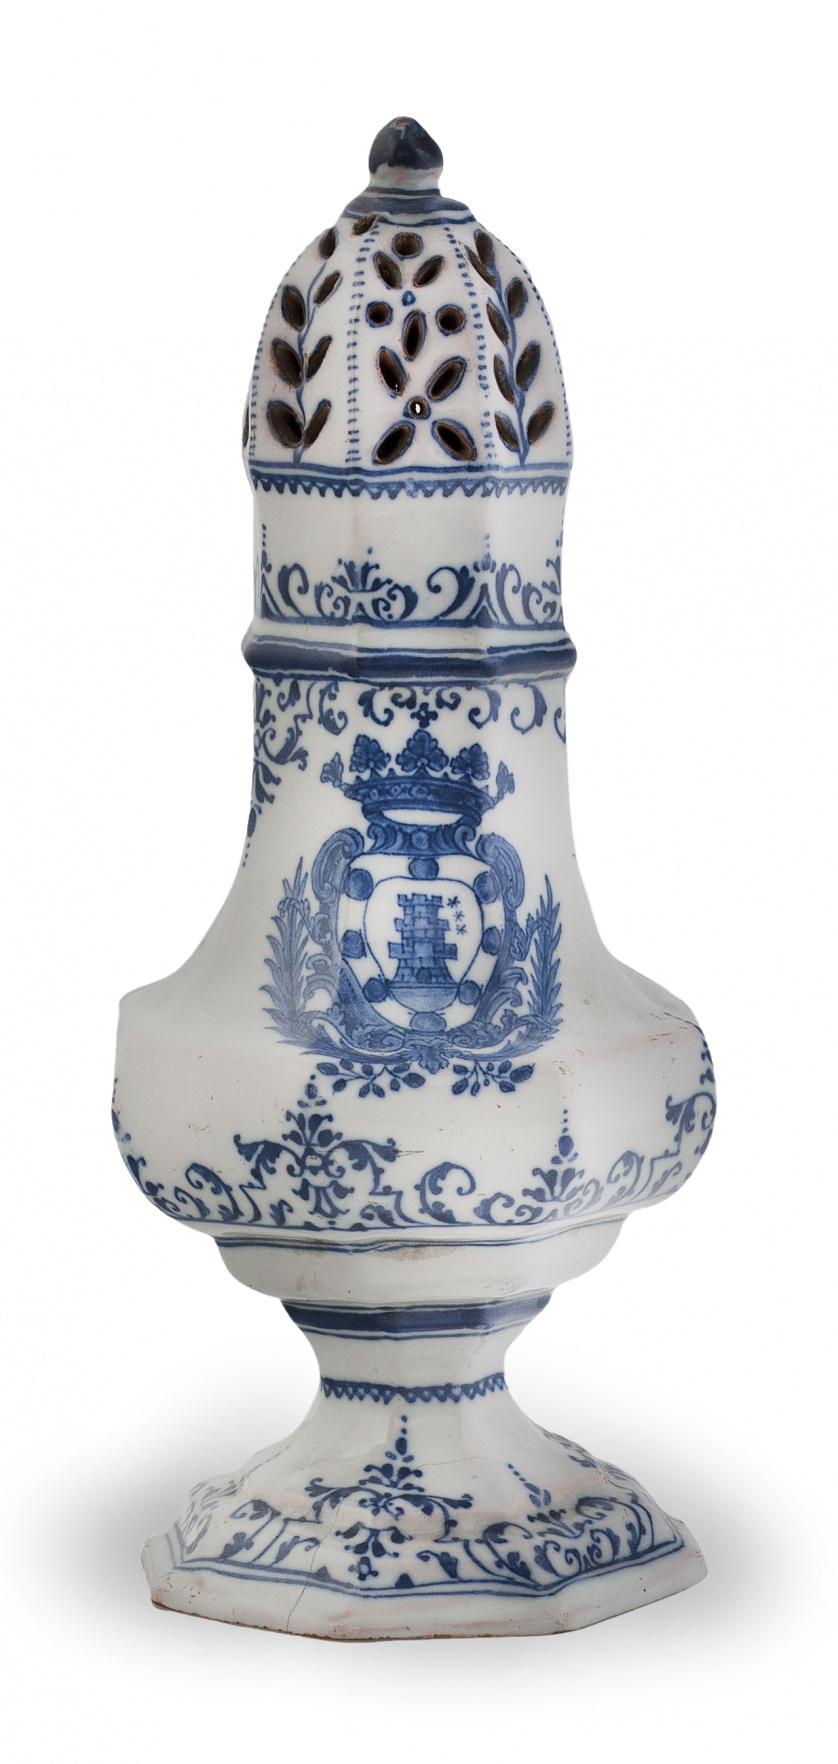 Azucarero de cerámica esmaltada en azul de cobalto con escu